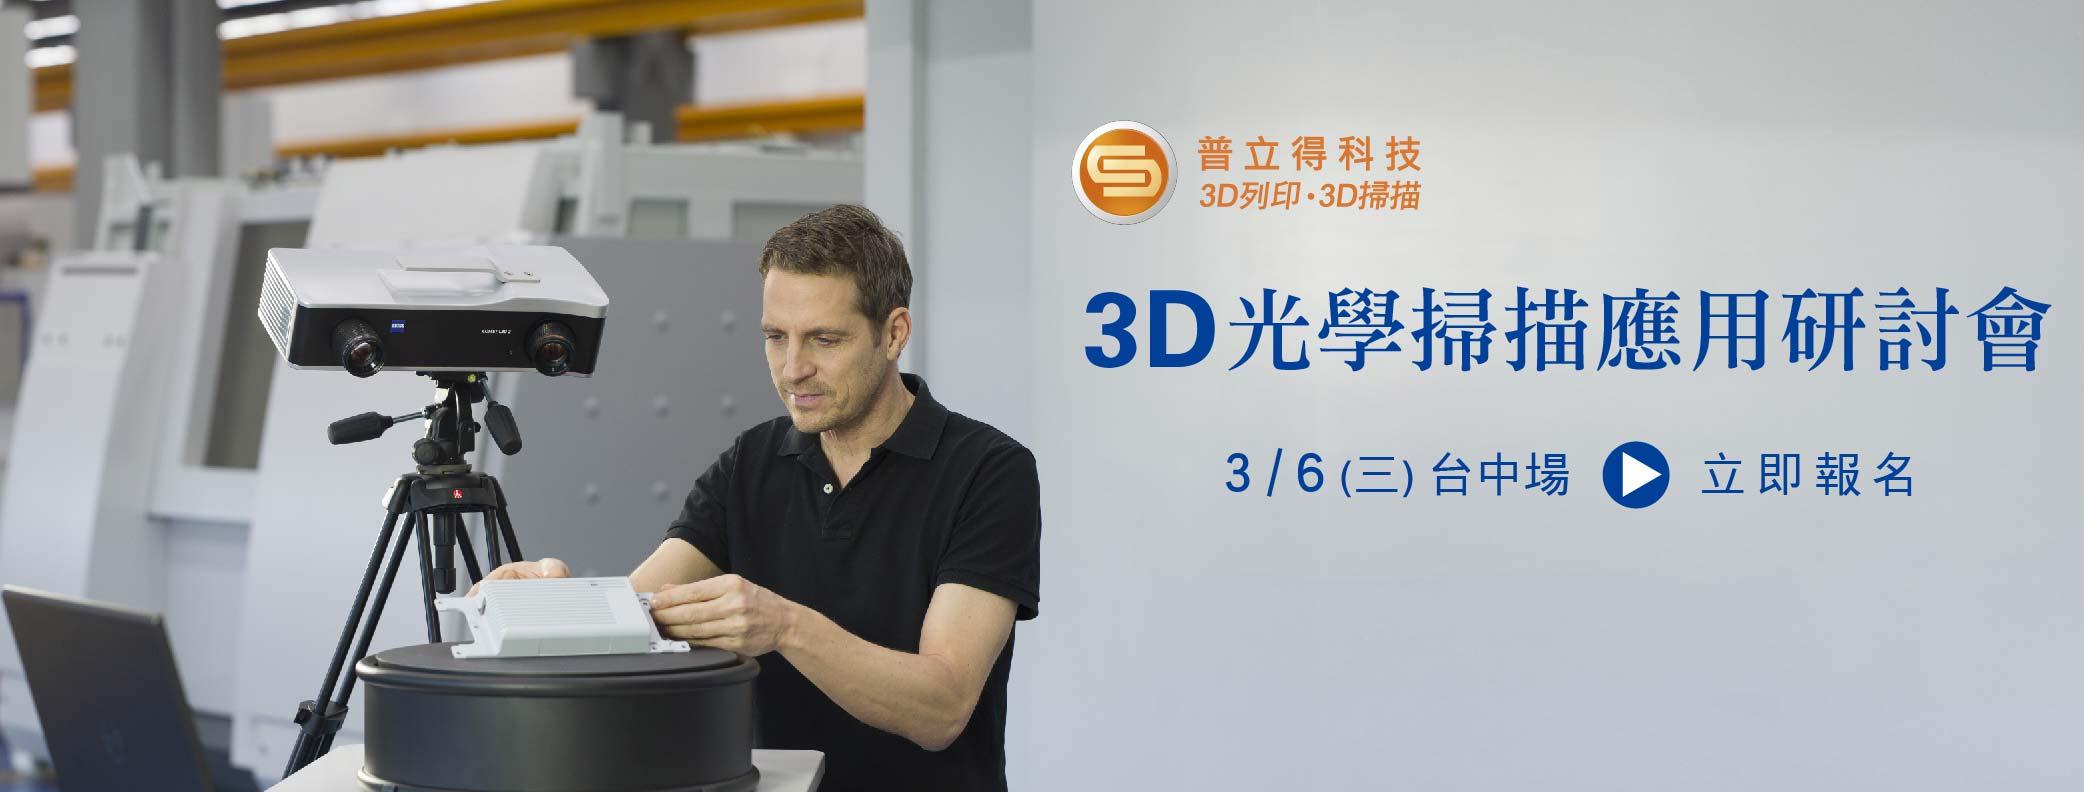 3D光學掃描